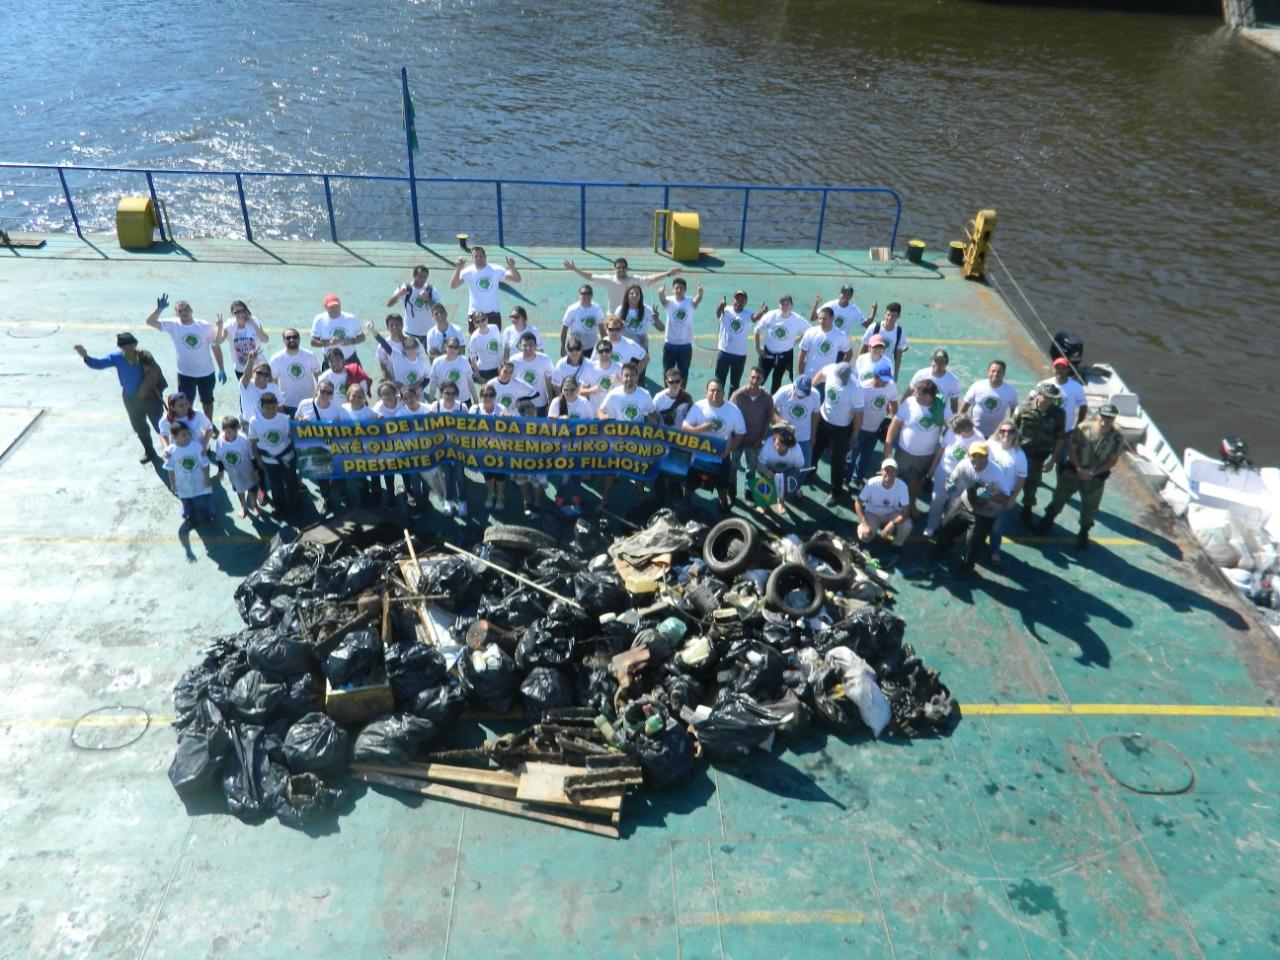 Mutirão em Guaratuba prevê limpeza de Rios e Praias